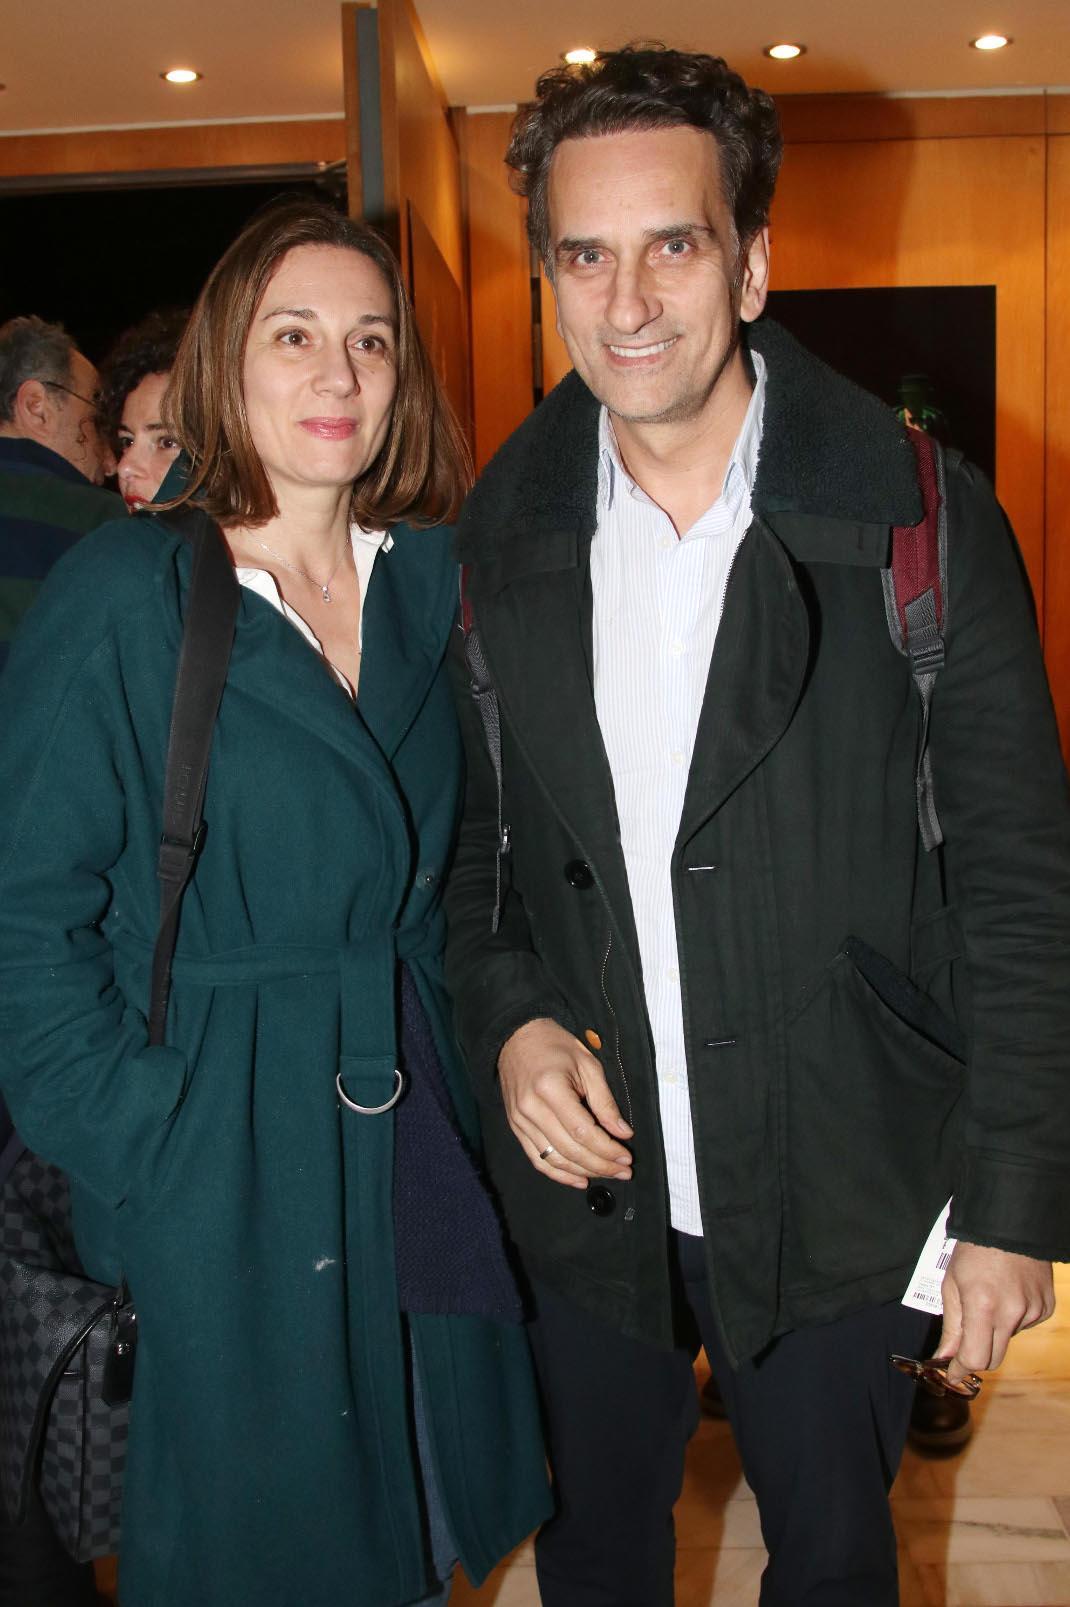 Έλενα Καρακούλη-Νίκος Ψαρράς, Φωτογραφία: NDP Photo agency